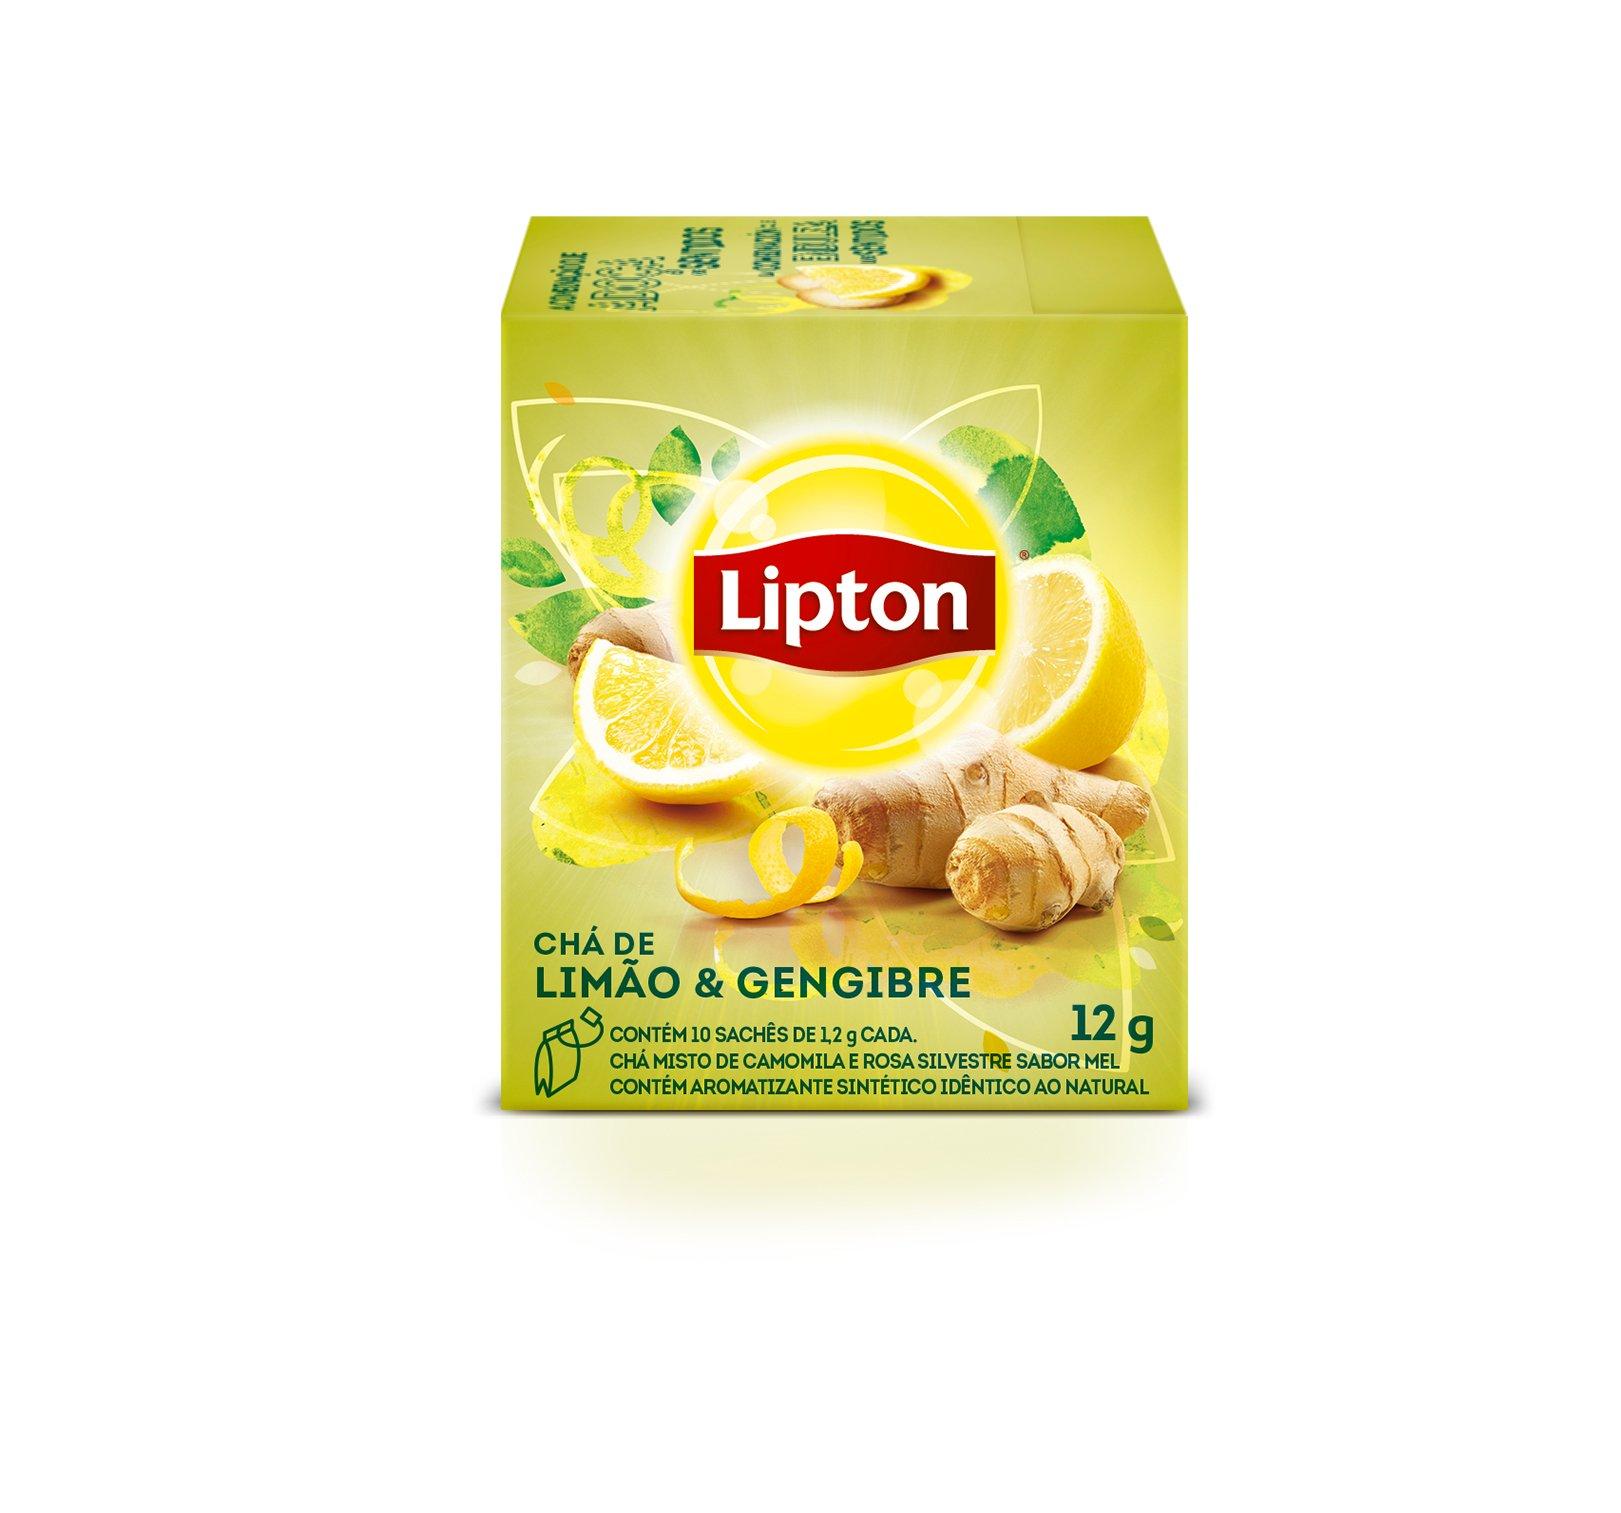 Chá Lipton - Limão e Gengibre